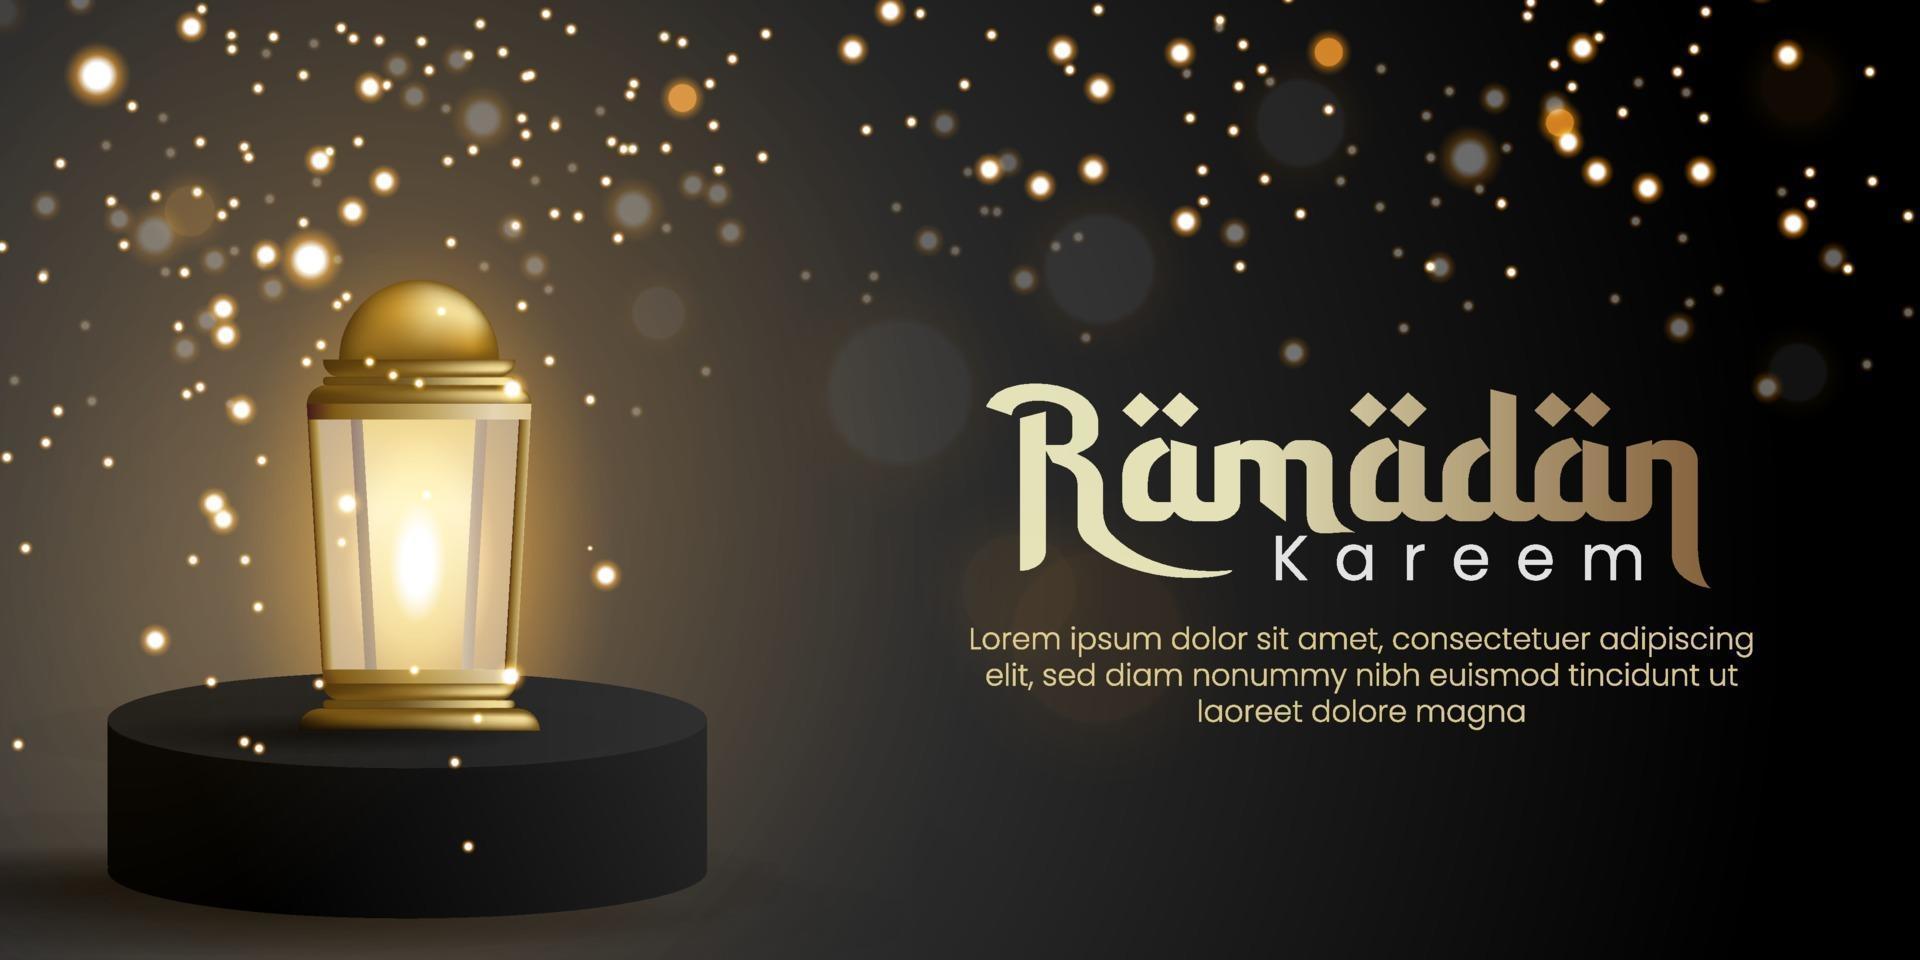 modelo de plano de fundo ramadan kareem em estilo desfocado. Pódio 3D e lanterna realista para cartão de felicitações, voucher, pôster, modelo de banner para evento islâmico vetor